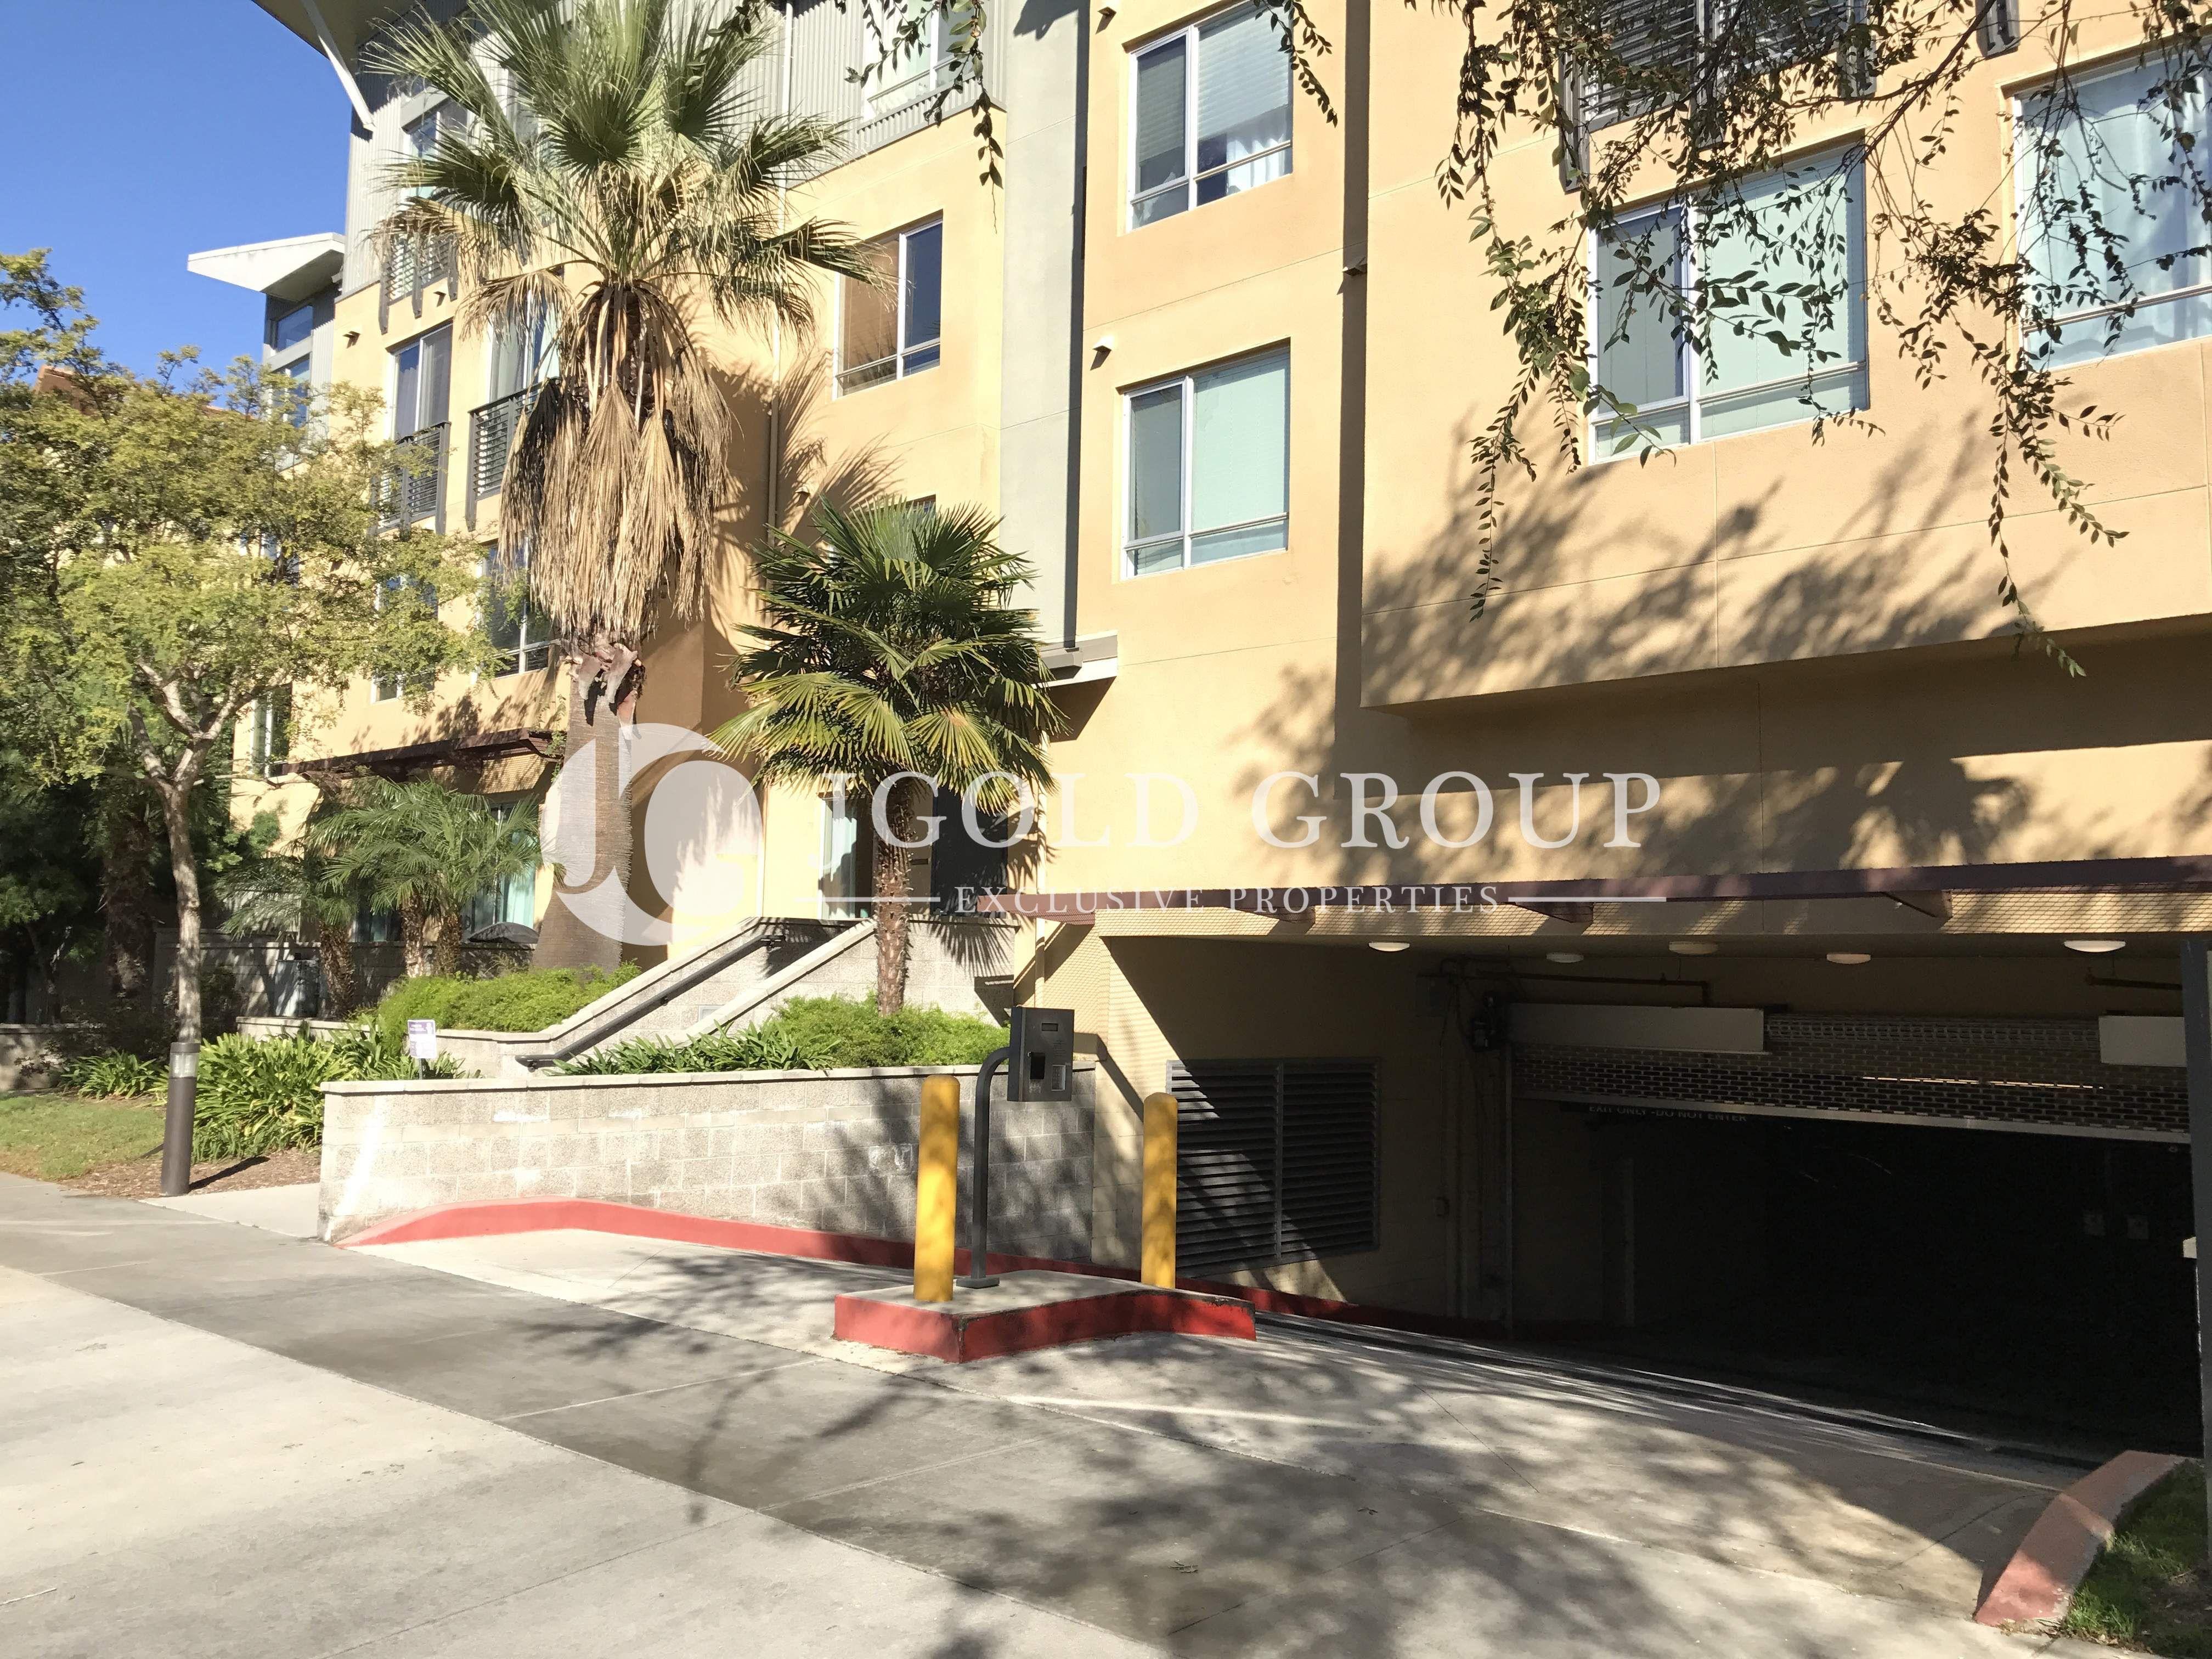 Garage Entrance Into Waterstone In Playa Vista Ca Playa Vista Condominium Entrance